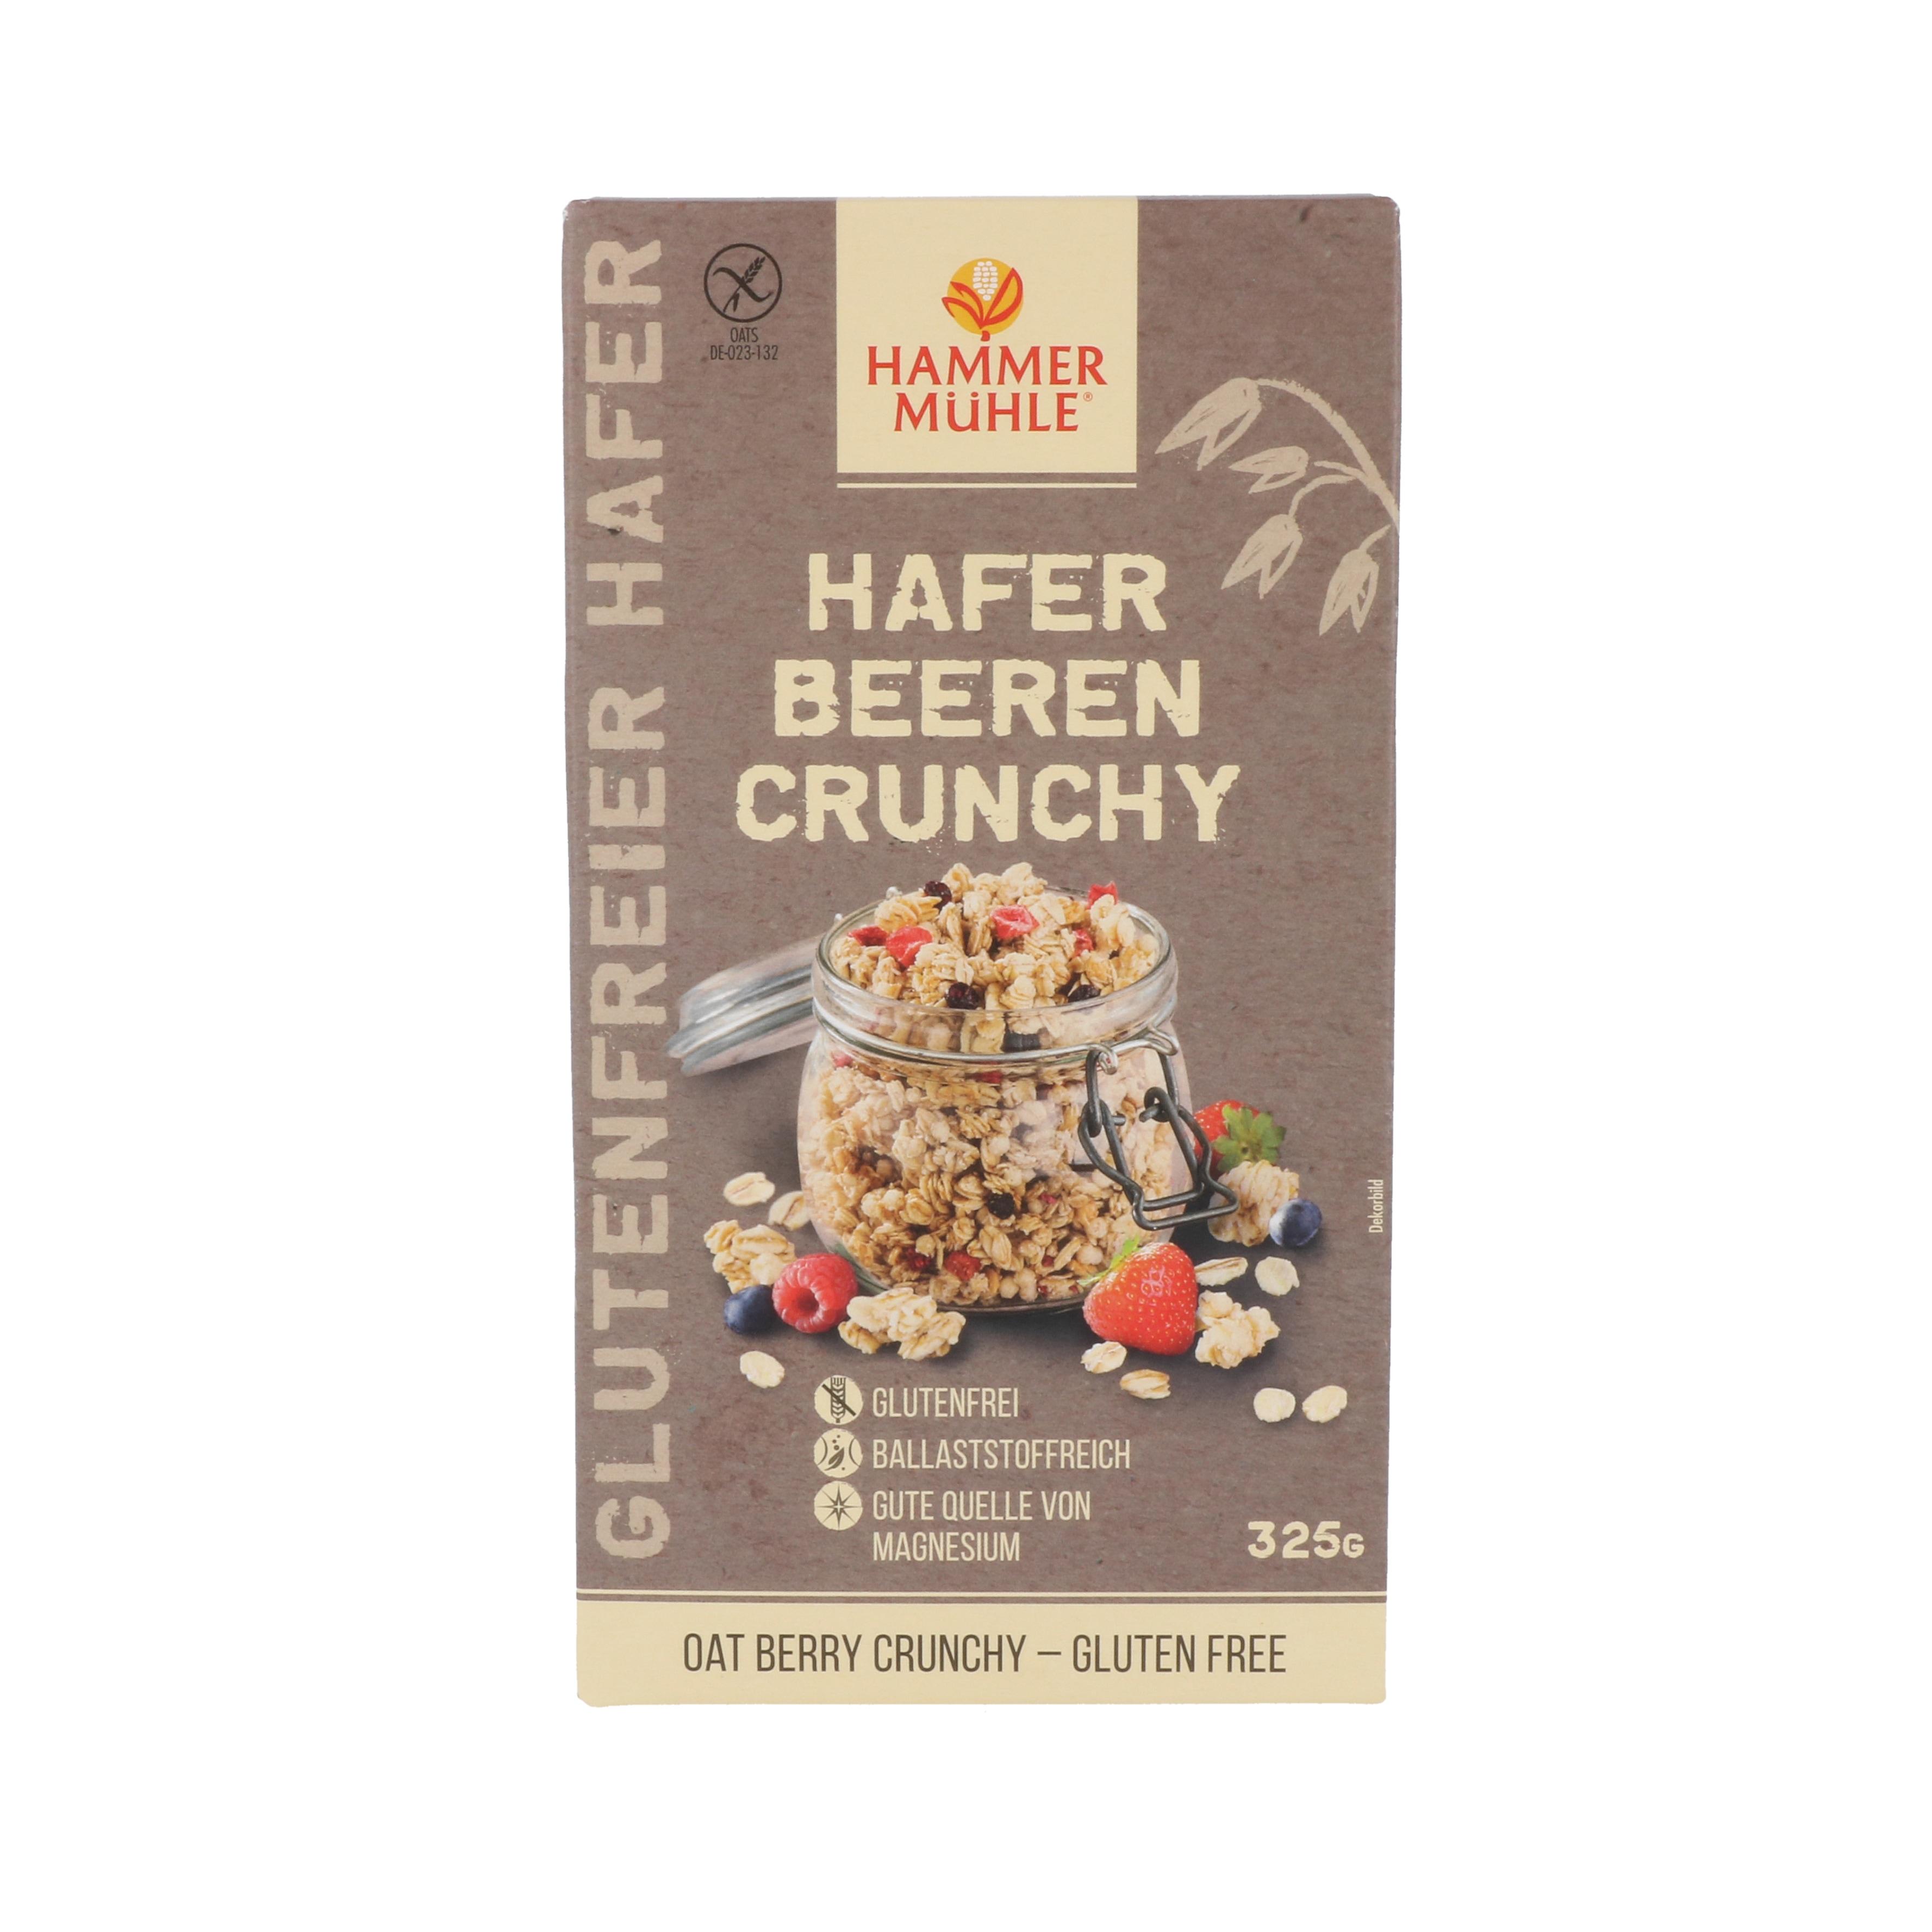 Hammermühle Hafer Beeren Crunchy 325g